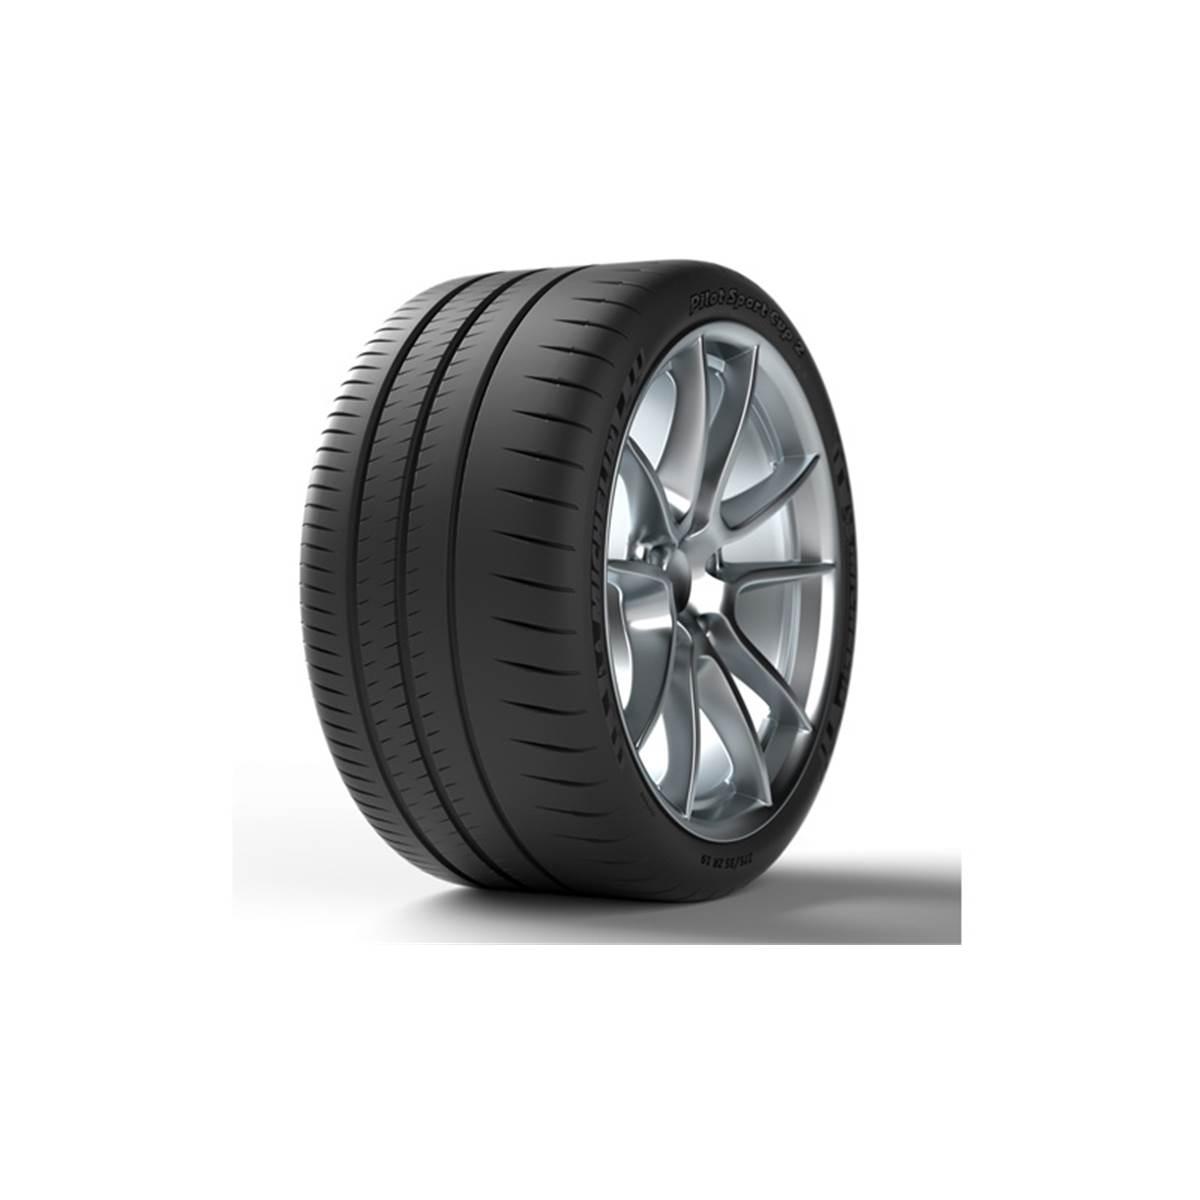 michelin pilot sport 265 35 r18 achat de pneus michelin pilot sport 265 35 r18 pas cher pneu. Black Bedroom Furniture Sets. Home Design Ideas